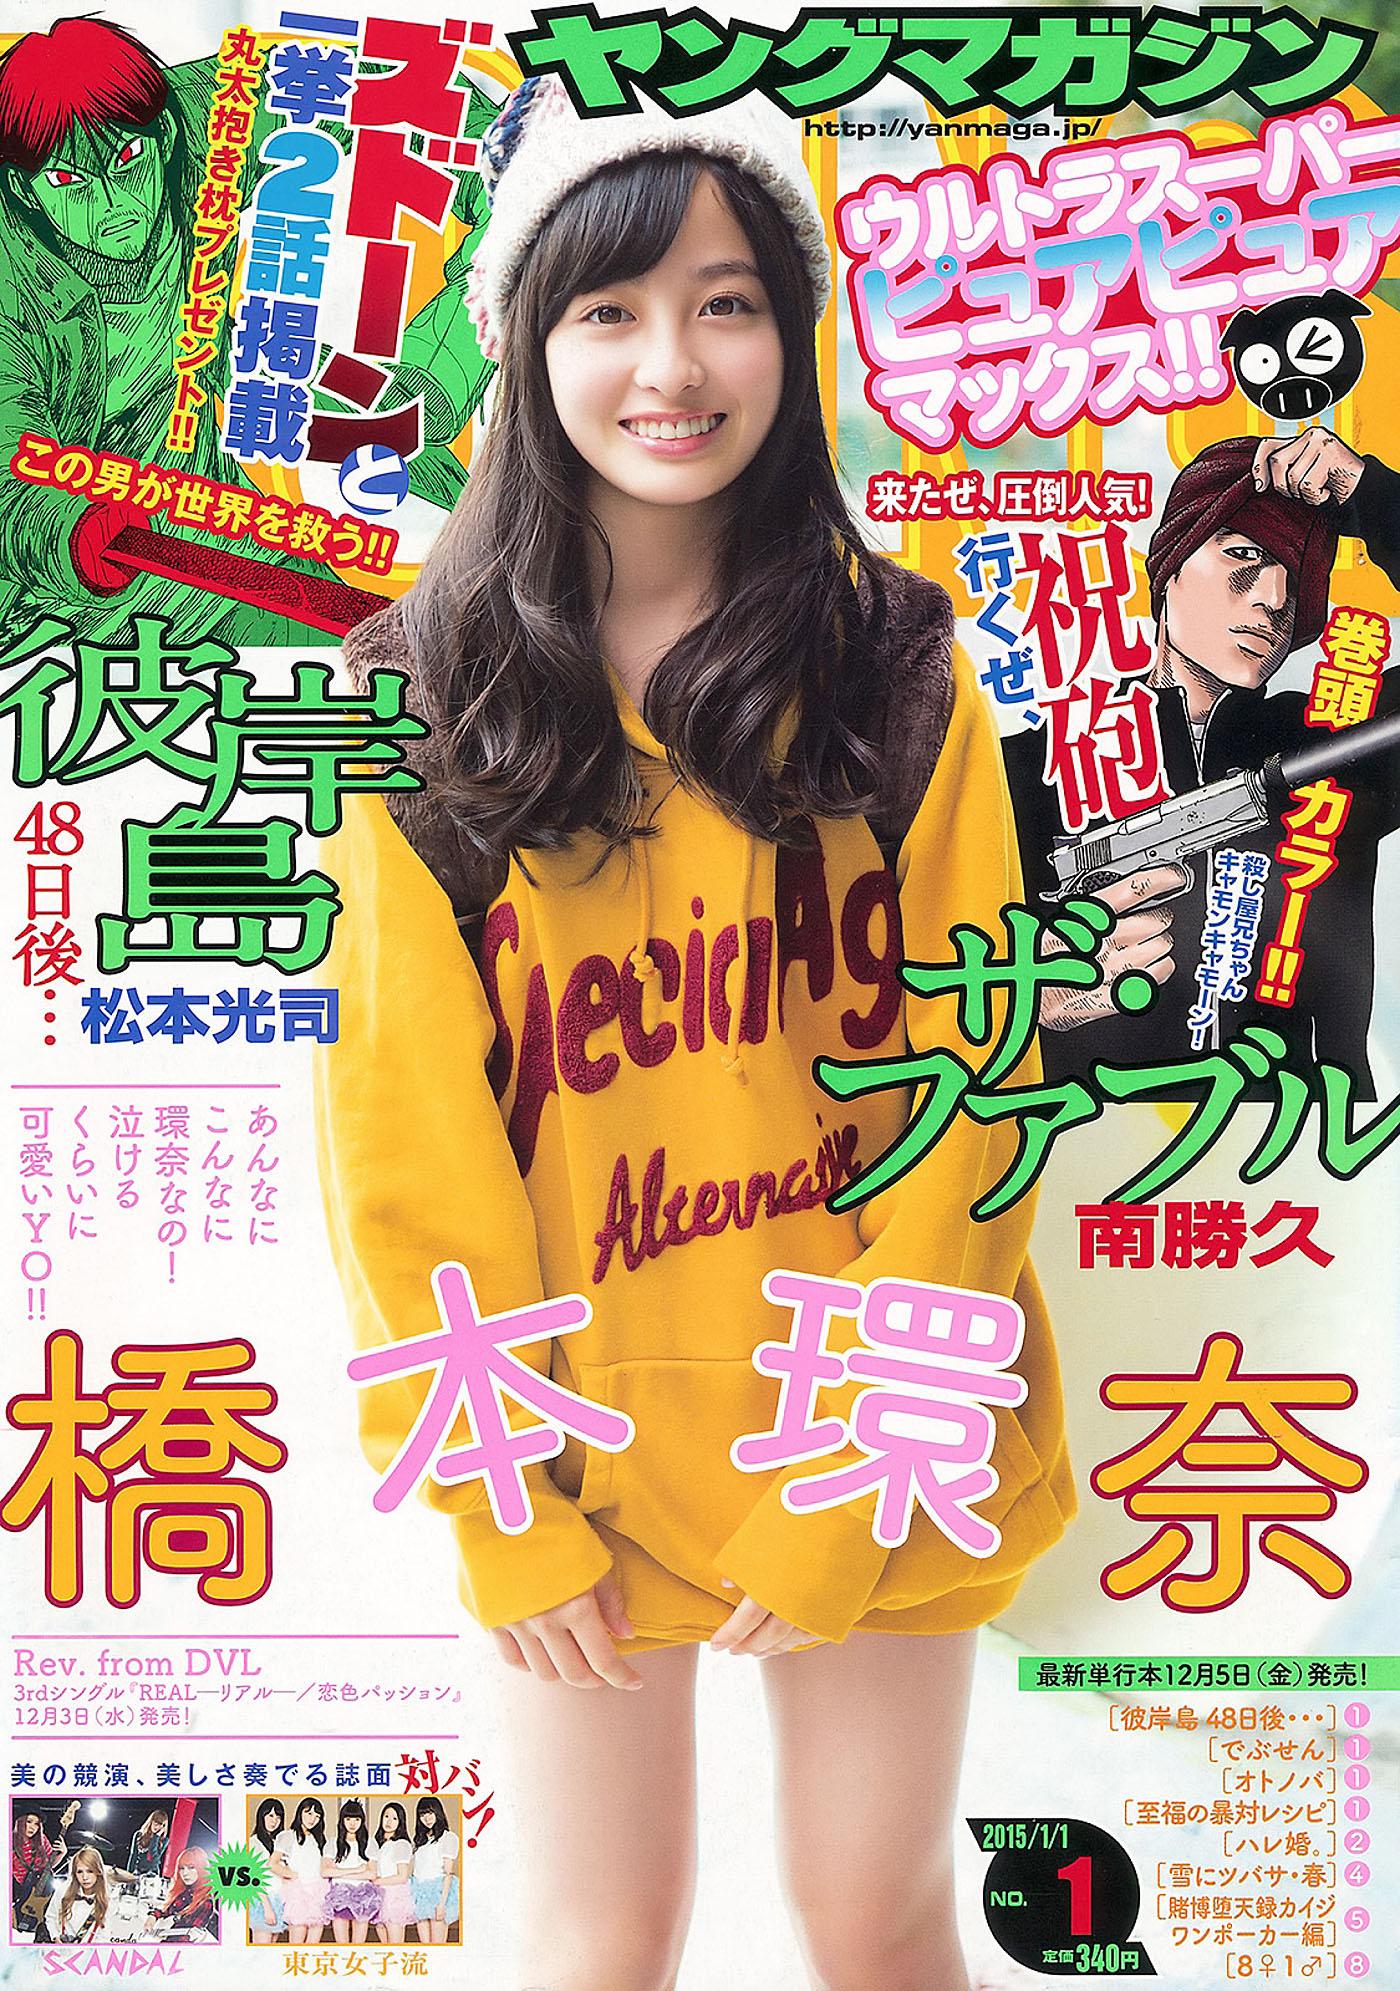 KHashimoto Young Magazine 150101 01.jpg